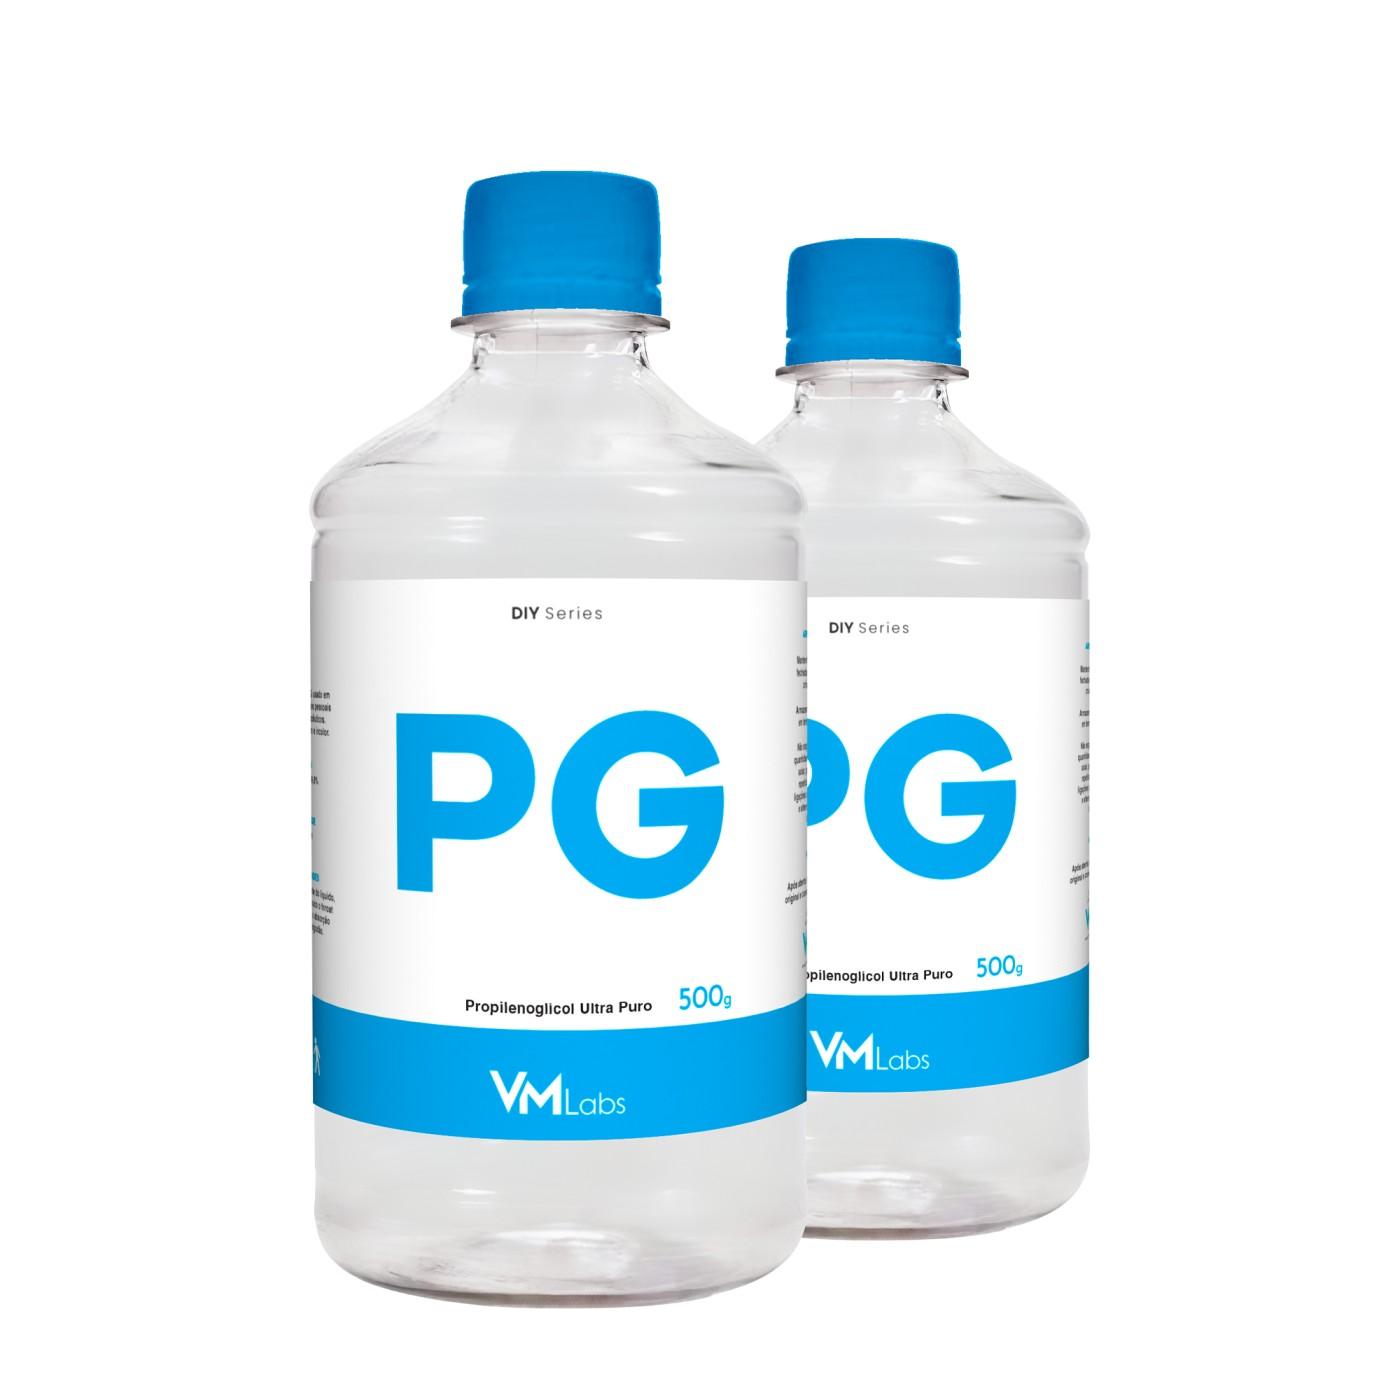 KIT PG (1L)